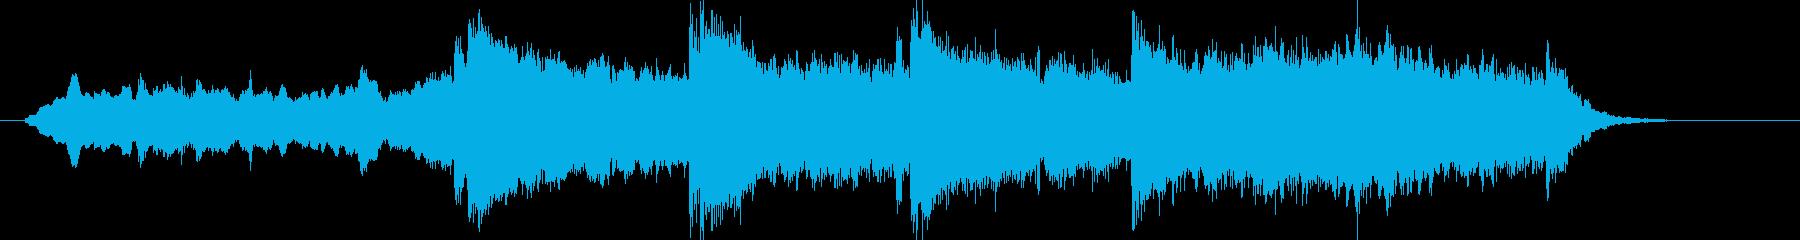 幻想的で壮大なヒーリング曲の再生済みの波形